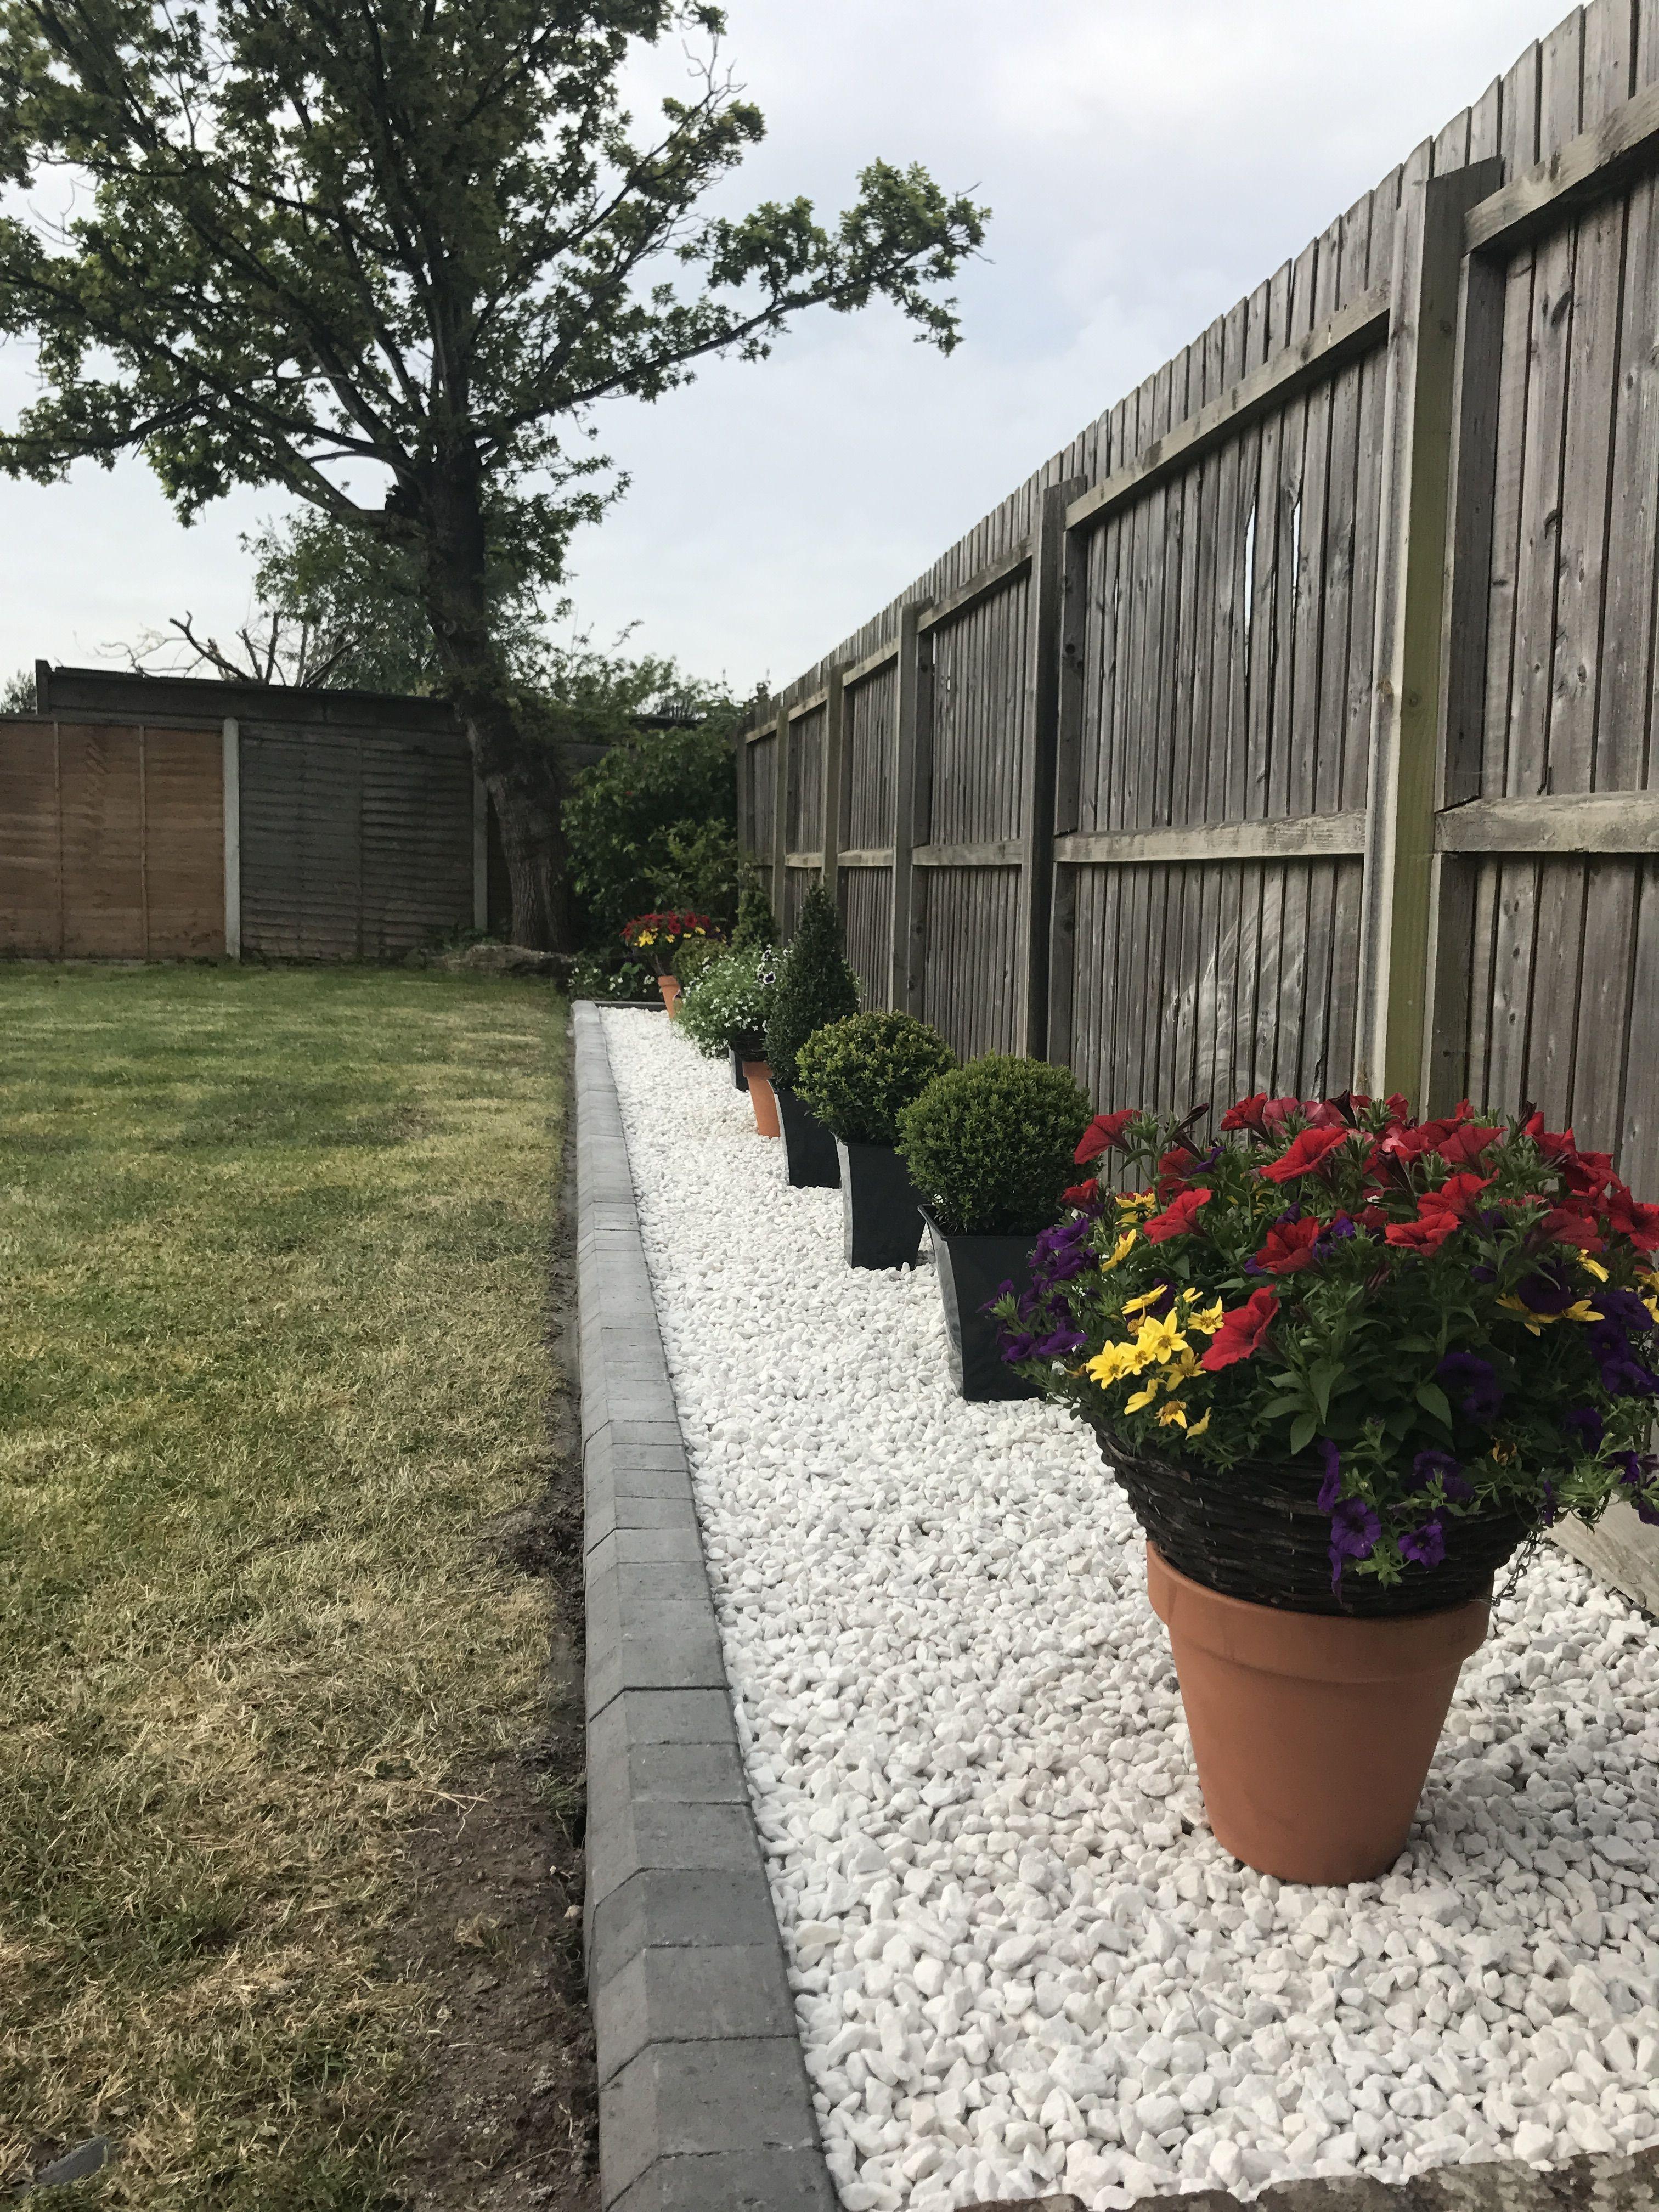 1 Best 45 Best Side Yard Garden Design Ideas Get Inspired To Transform An Unused Side Yard Alongside Side Yard Landscaping Diy Landscaping Patio Landscaping